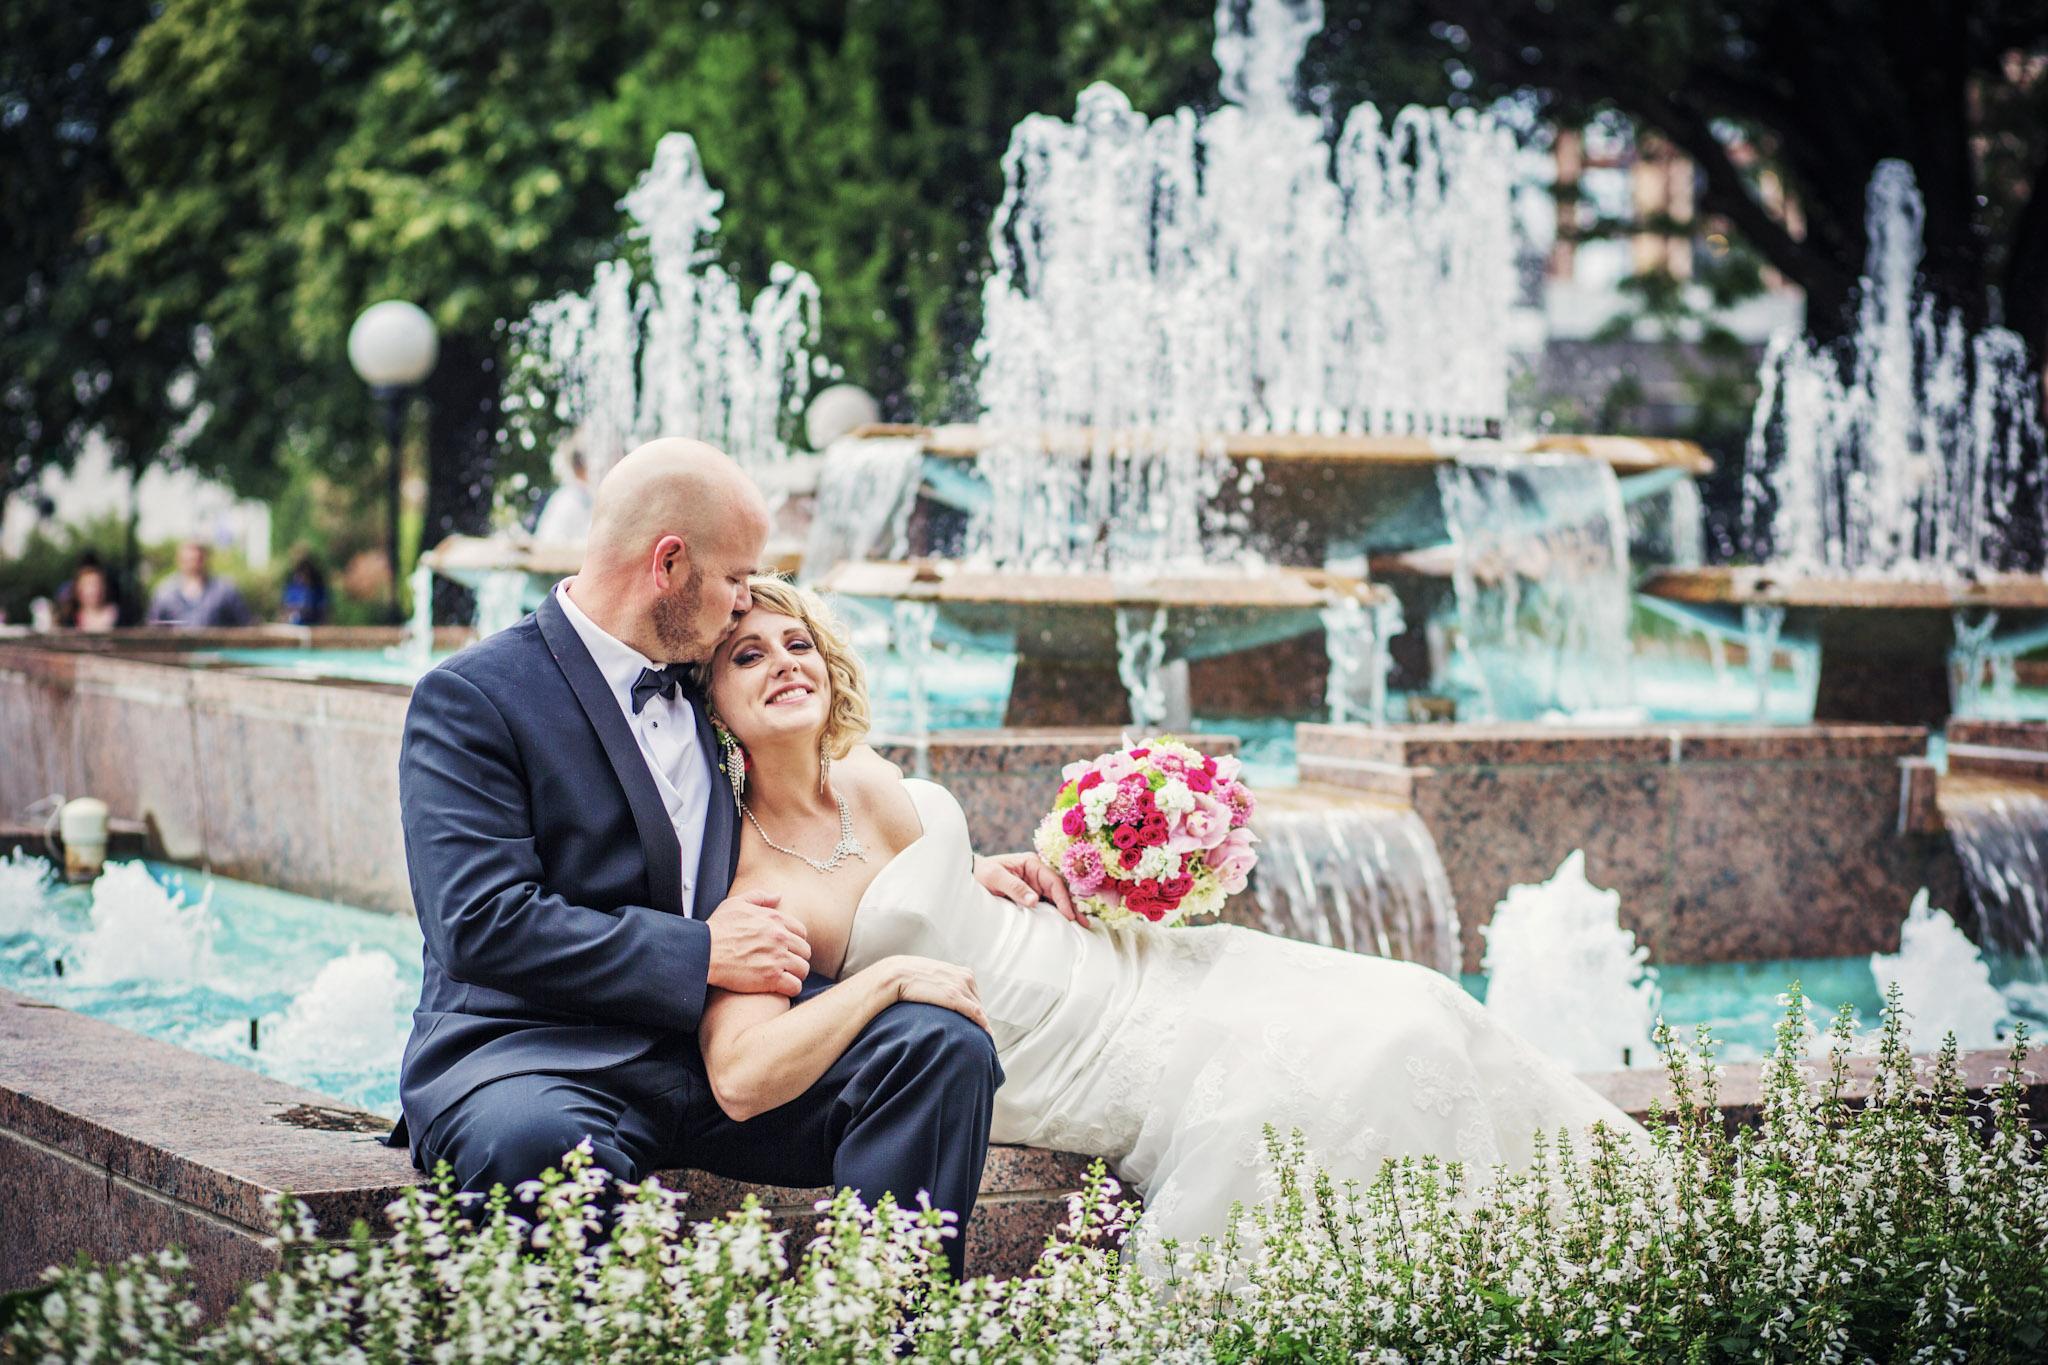 Kansas+City-Small+Wedding-Elope_Intimate_Ceremony_Melanie+David-15.jpg